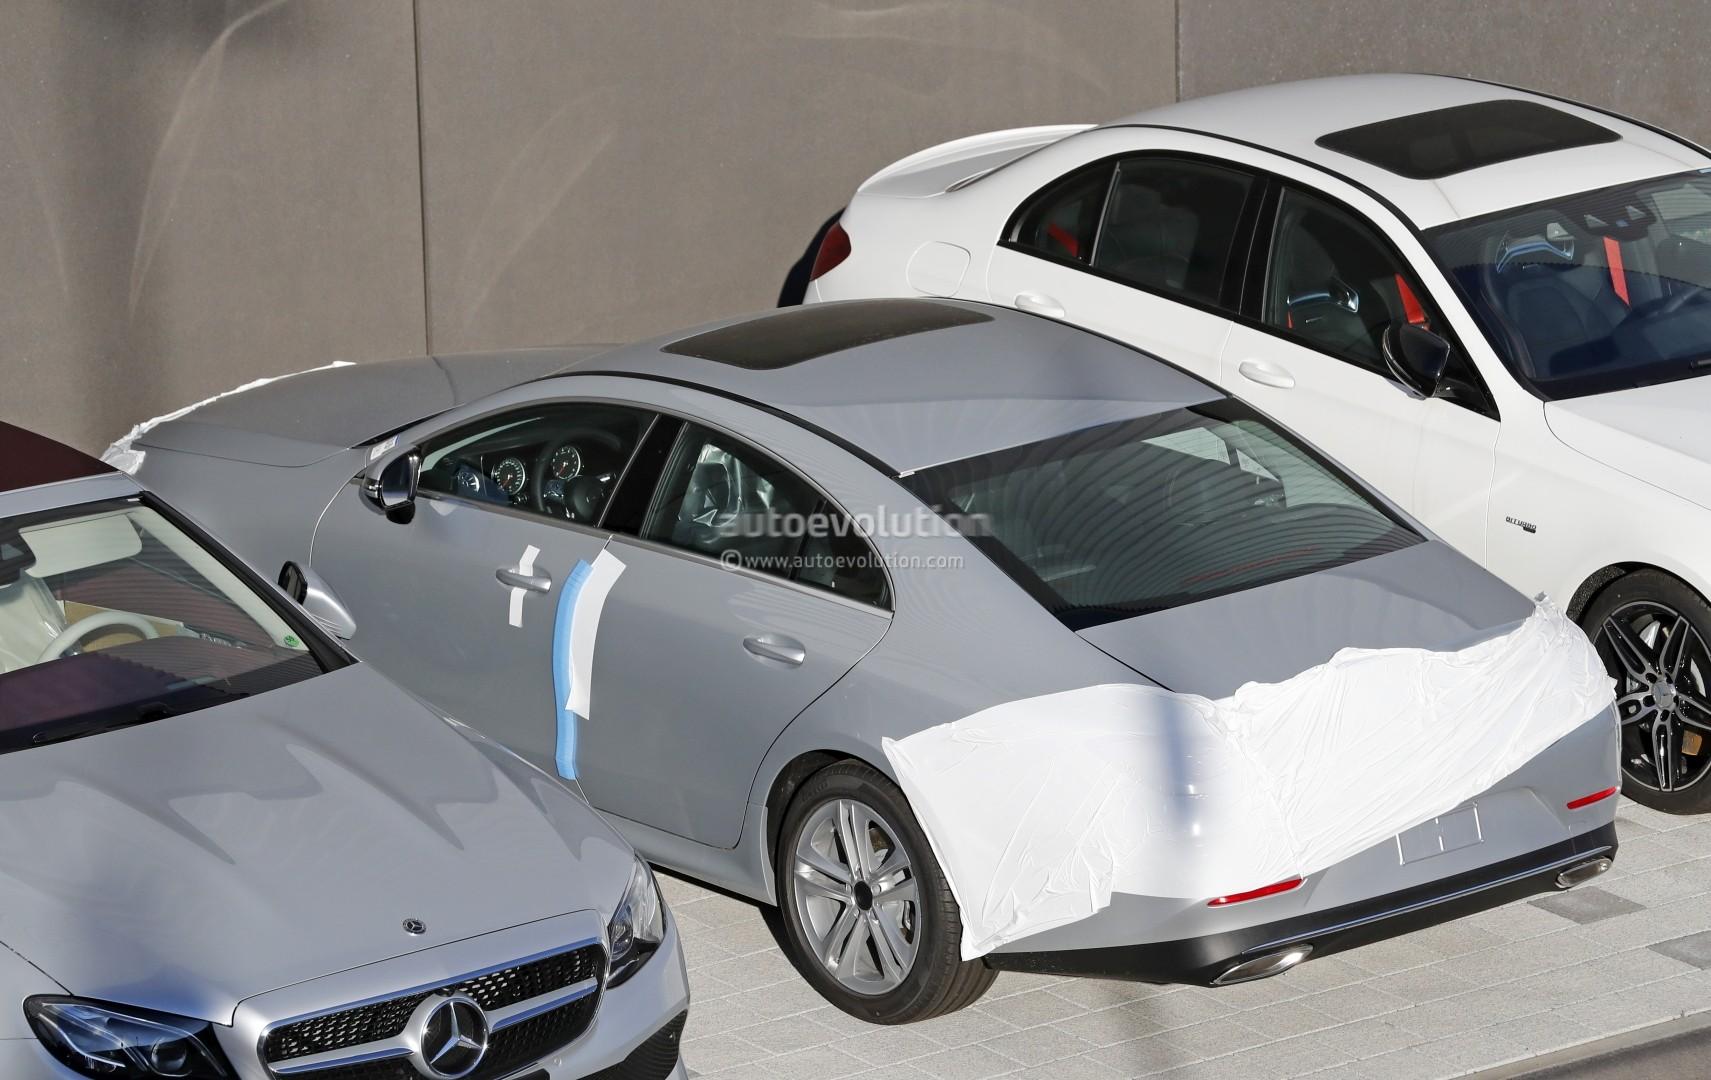 Spyshots: 2019 Mercedes-Benz CLS Reveals More Design ...